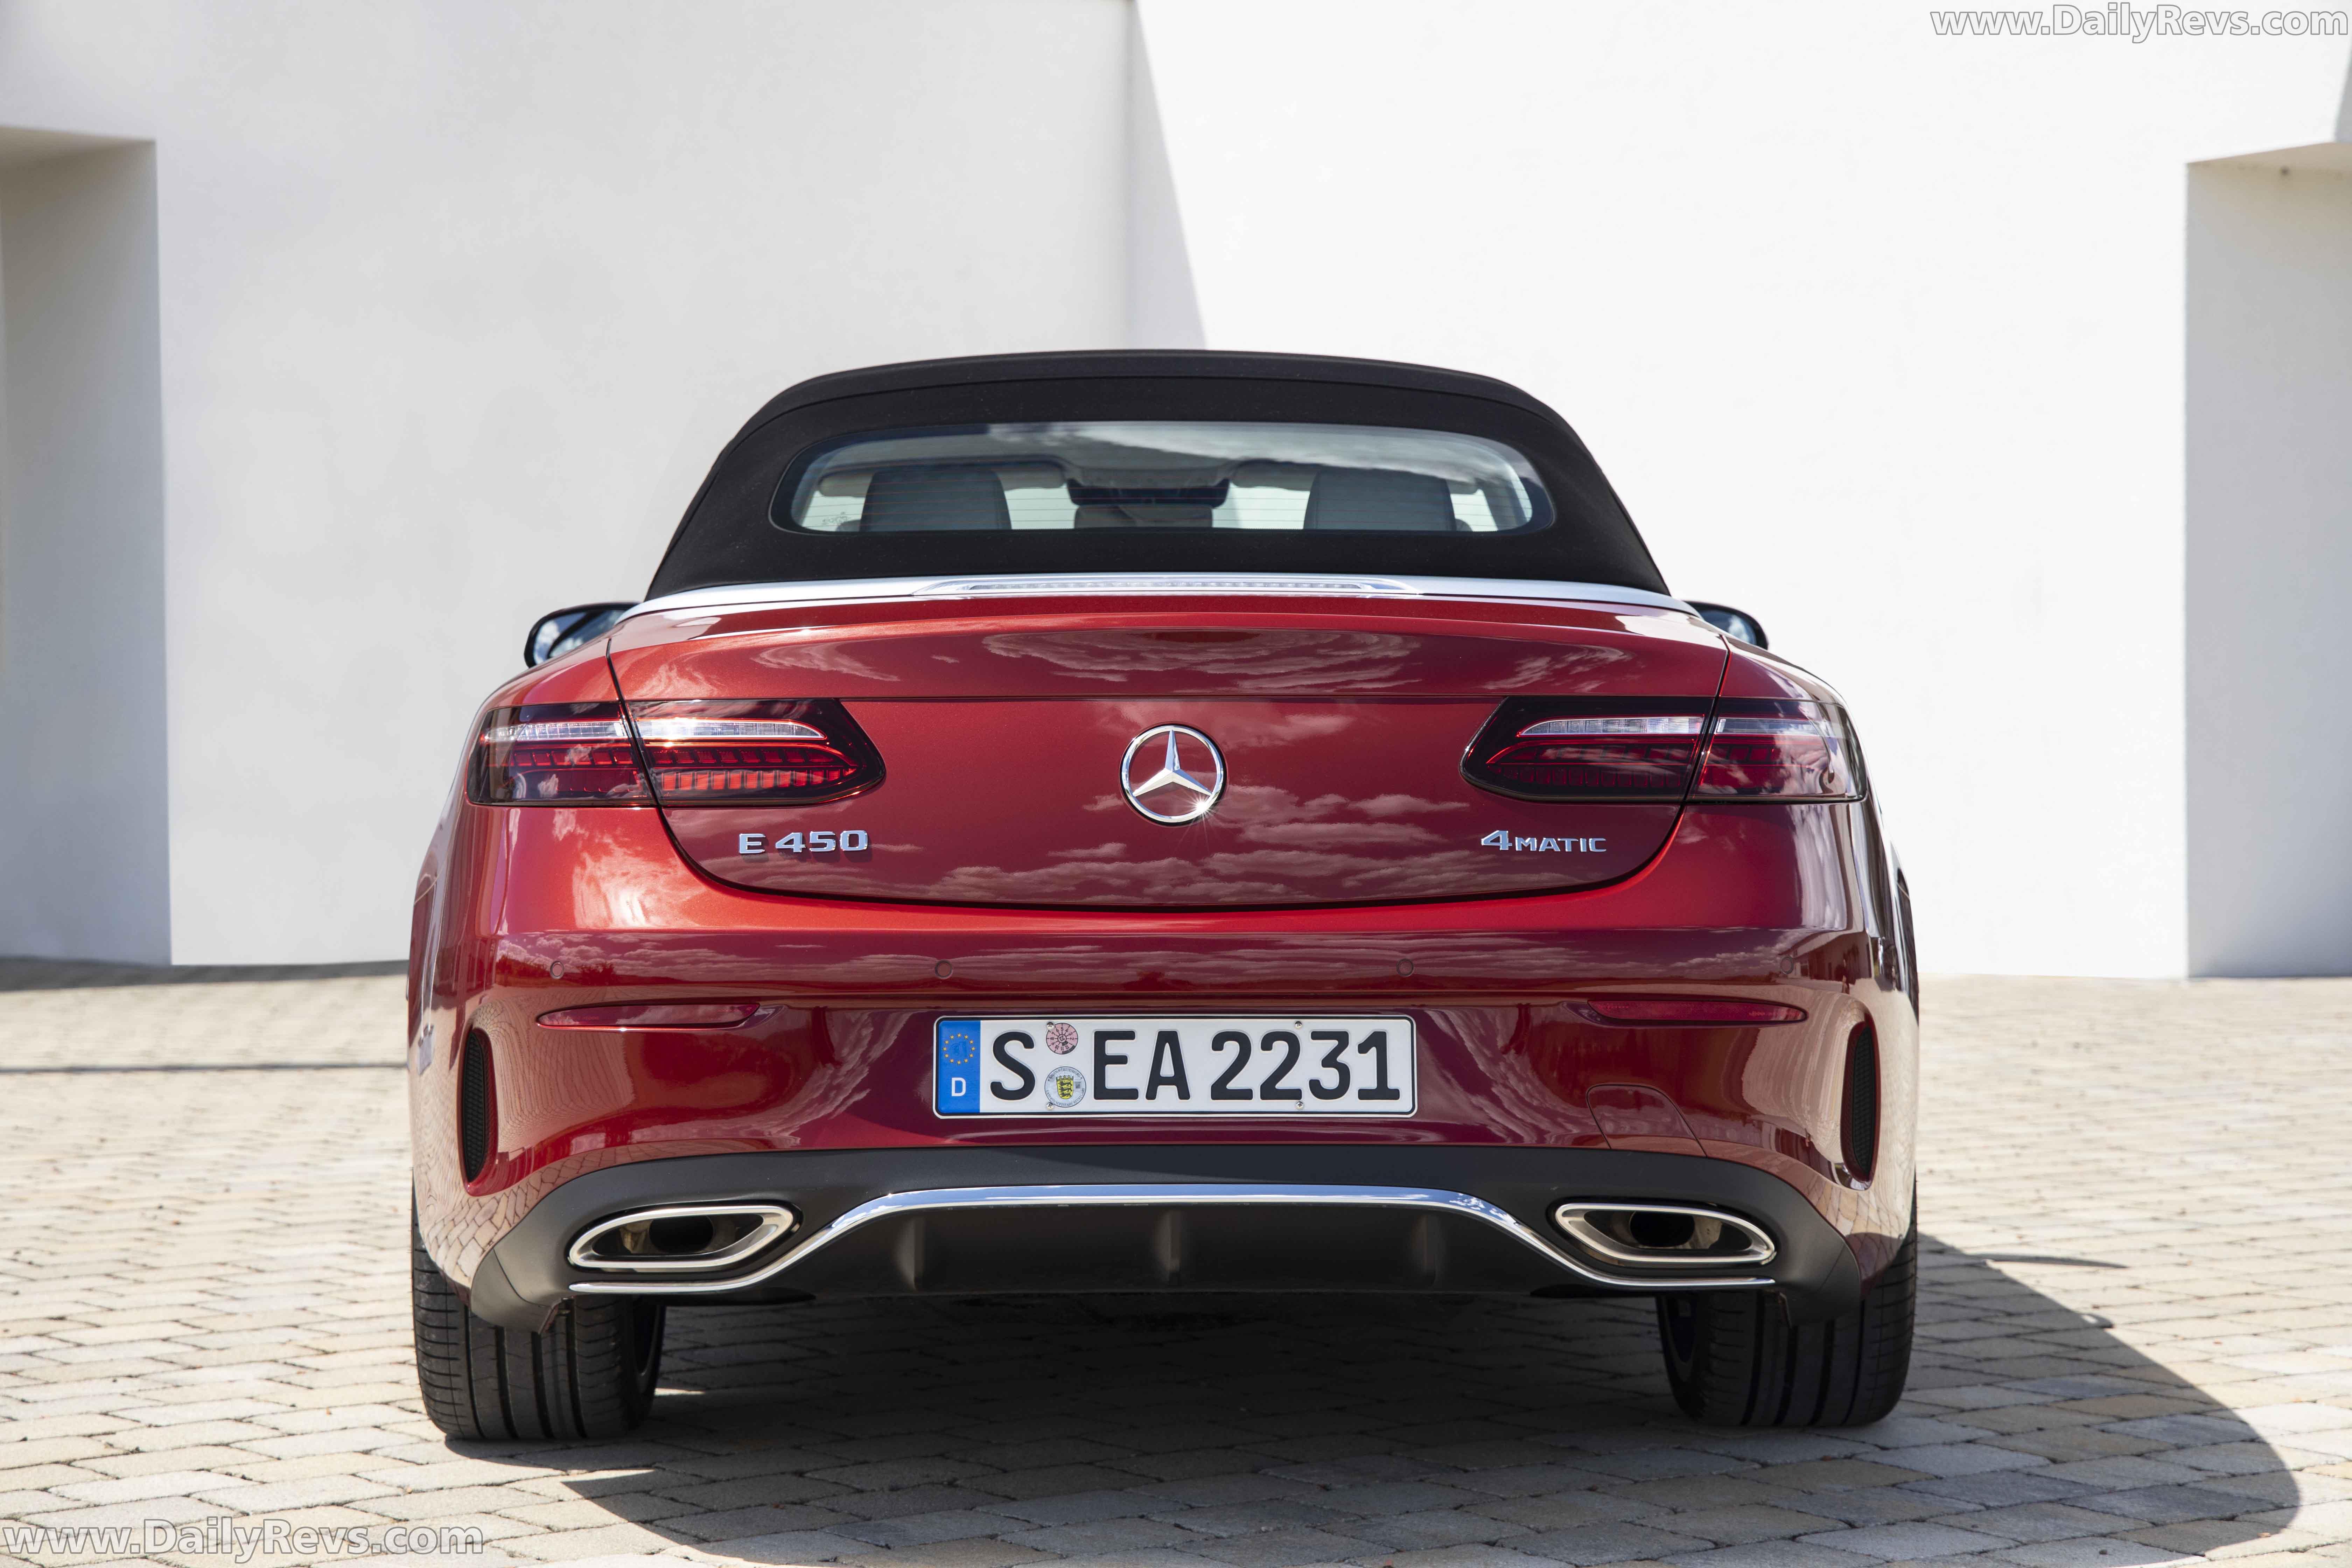 2021 Mercedes-Benz E-Class Cabriolet - Dailyrevs